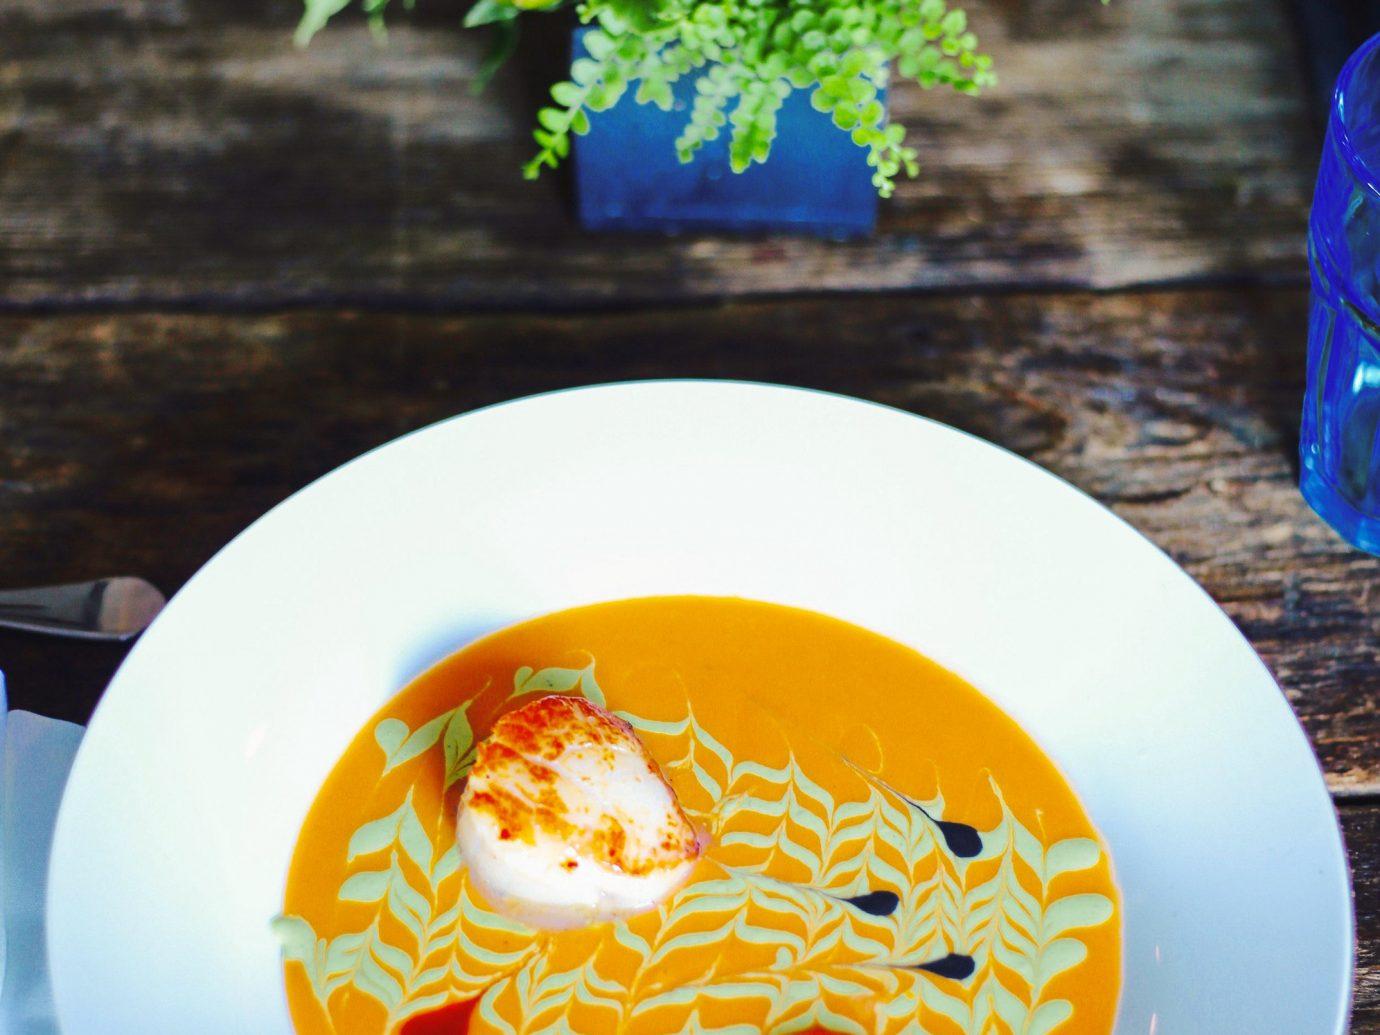 Food + Drink Luxury Travel Trip Ideas Weekend Getaways food plate dish soup vegetarian food cuisine vegetable meal recipe orange